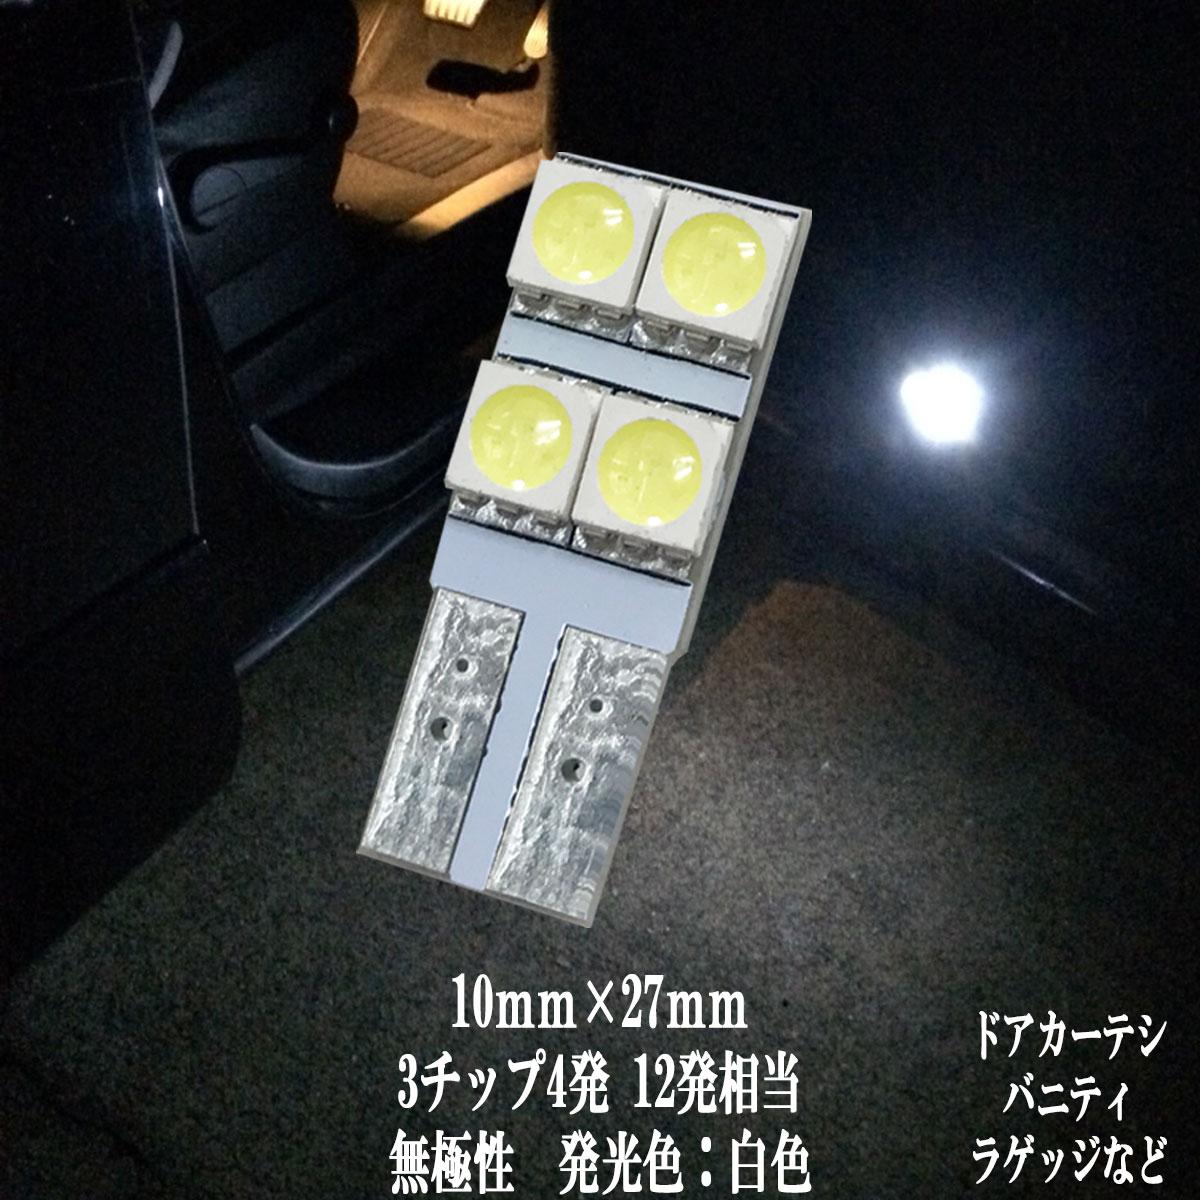 あす楽可 カスタム ルームランプ ご予約品 車内が明るく アウトドアにも便利 まばゆい光 10%OFF 定番の 白 ホワイト 純白光 車検対応 T10 LED 10mm×27mm 3チップSMD led電球 ナンバー灯 バニティ ドア カーテシ 12v 4連 あす楽可--ss t10 車内灯 led 6000Kクラスの 1年保証 綺麗な光